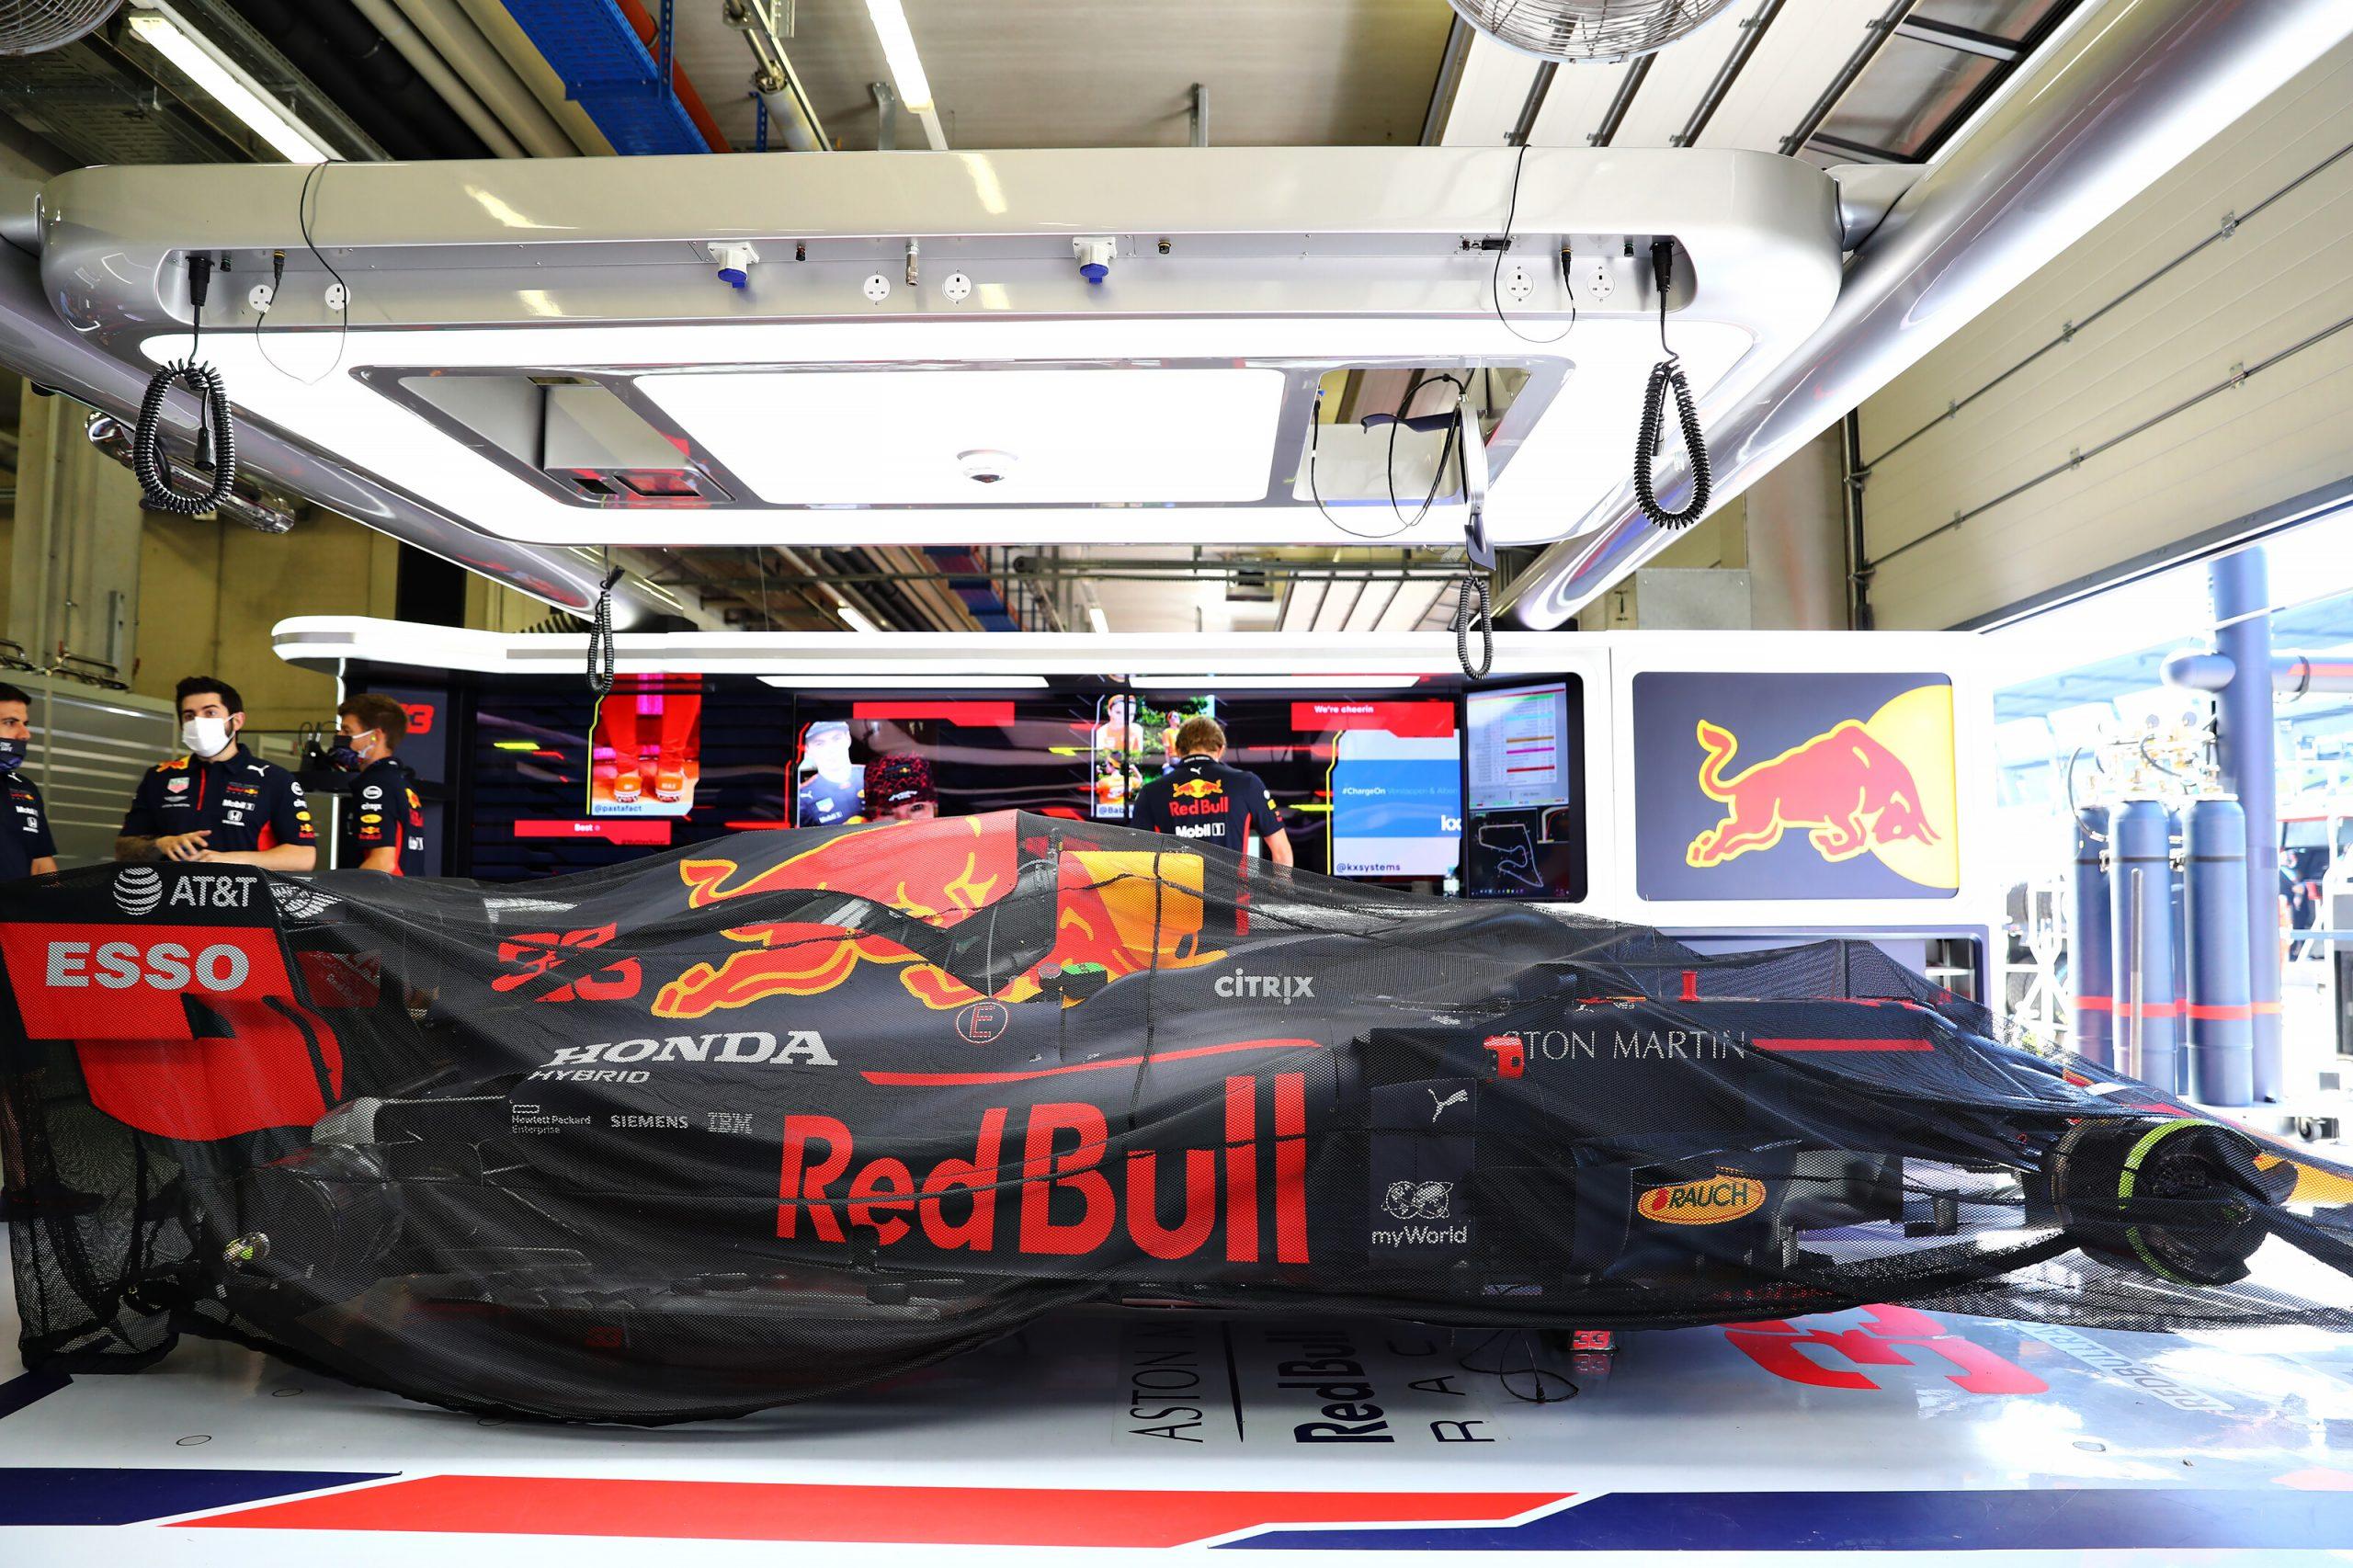 Honda assure avoir résolu les problèmes qui ont touché les deux Red Bull en Autriche 1